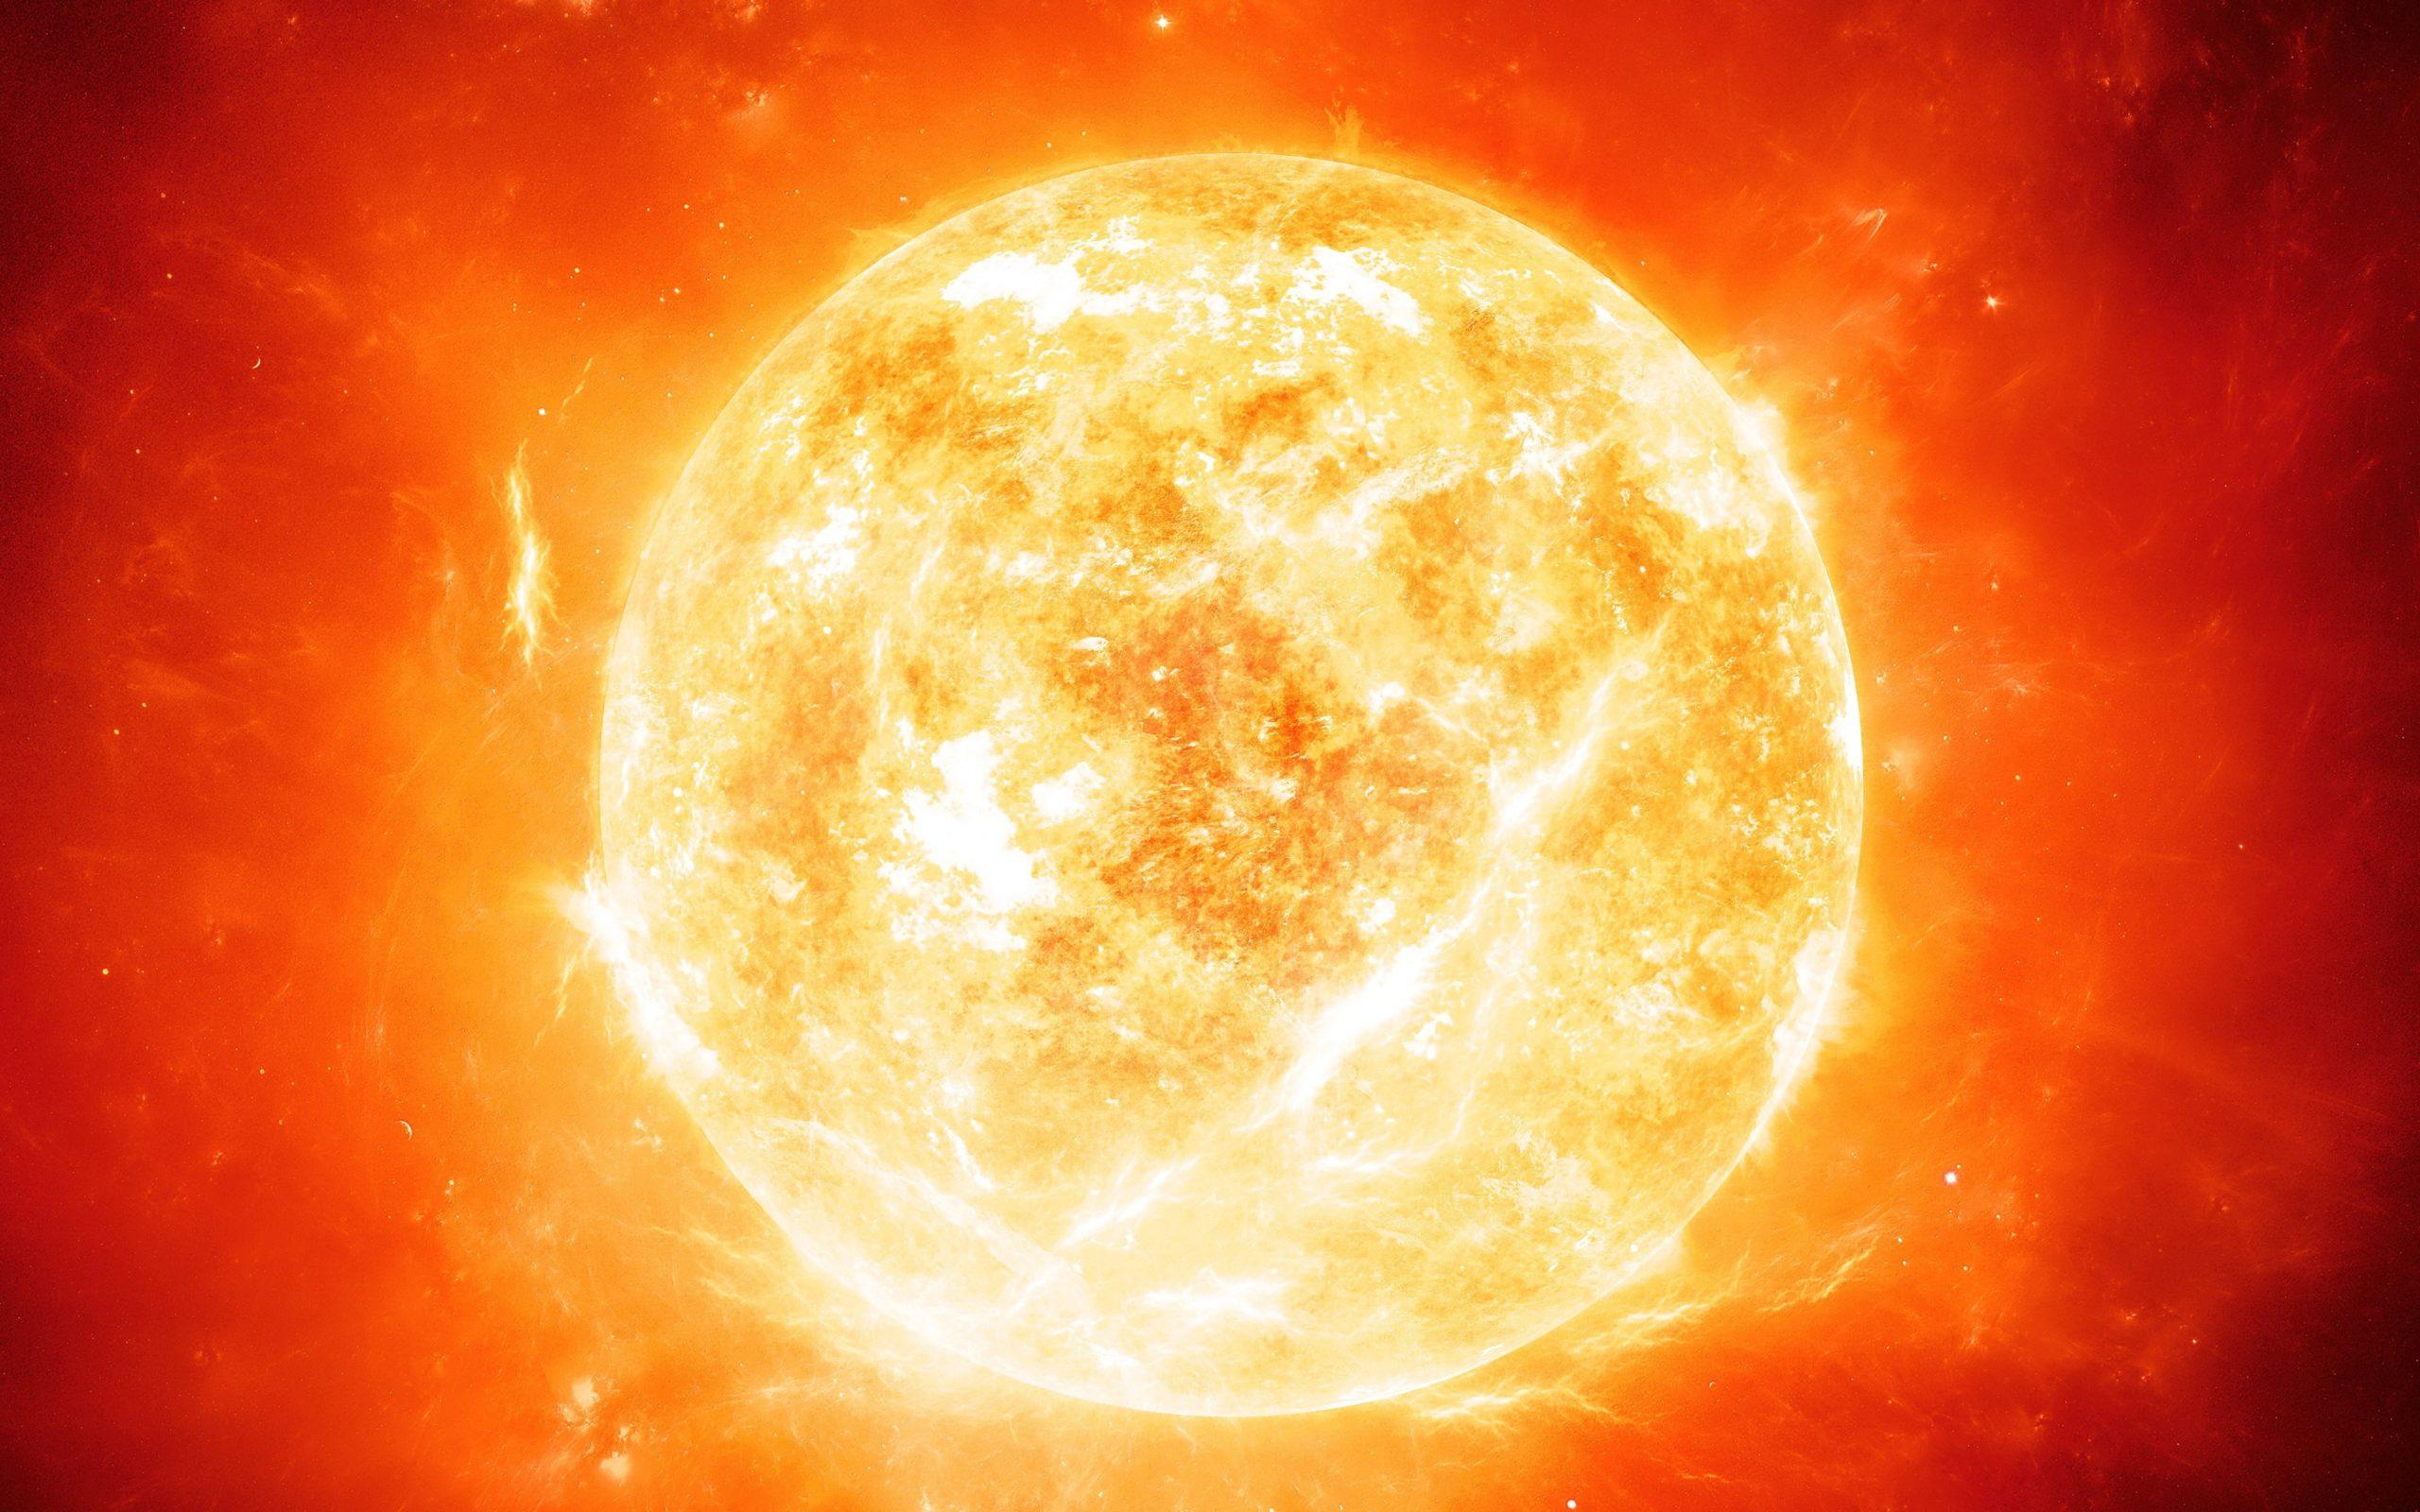 La NASA y la ESA publican las fotos más cercanas del Sol que se han tomado nunca